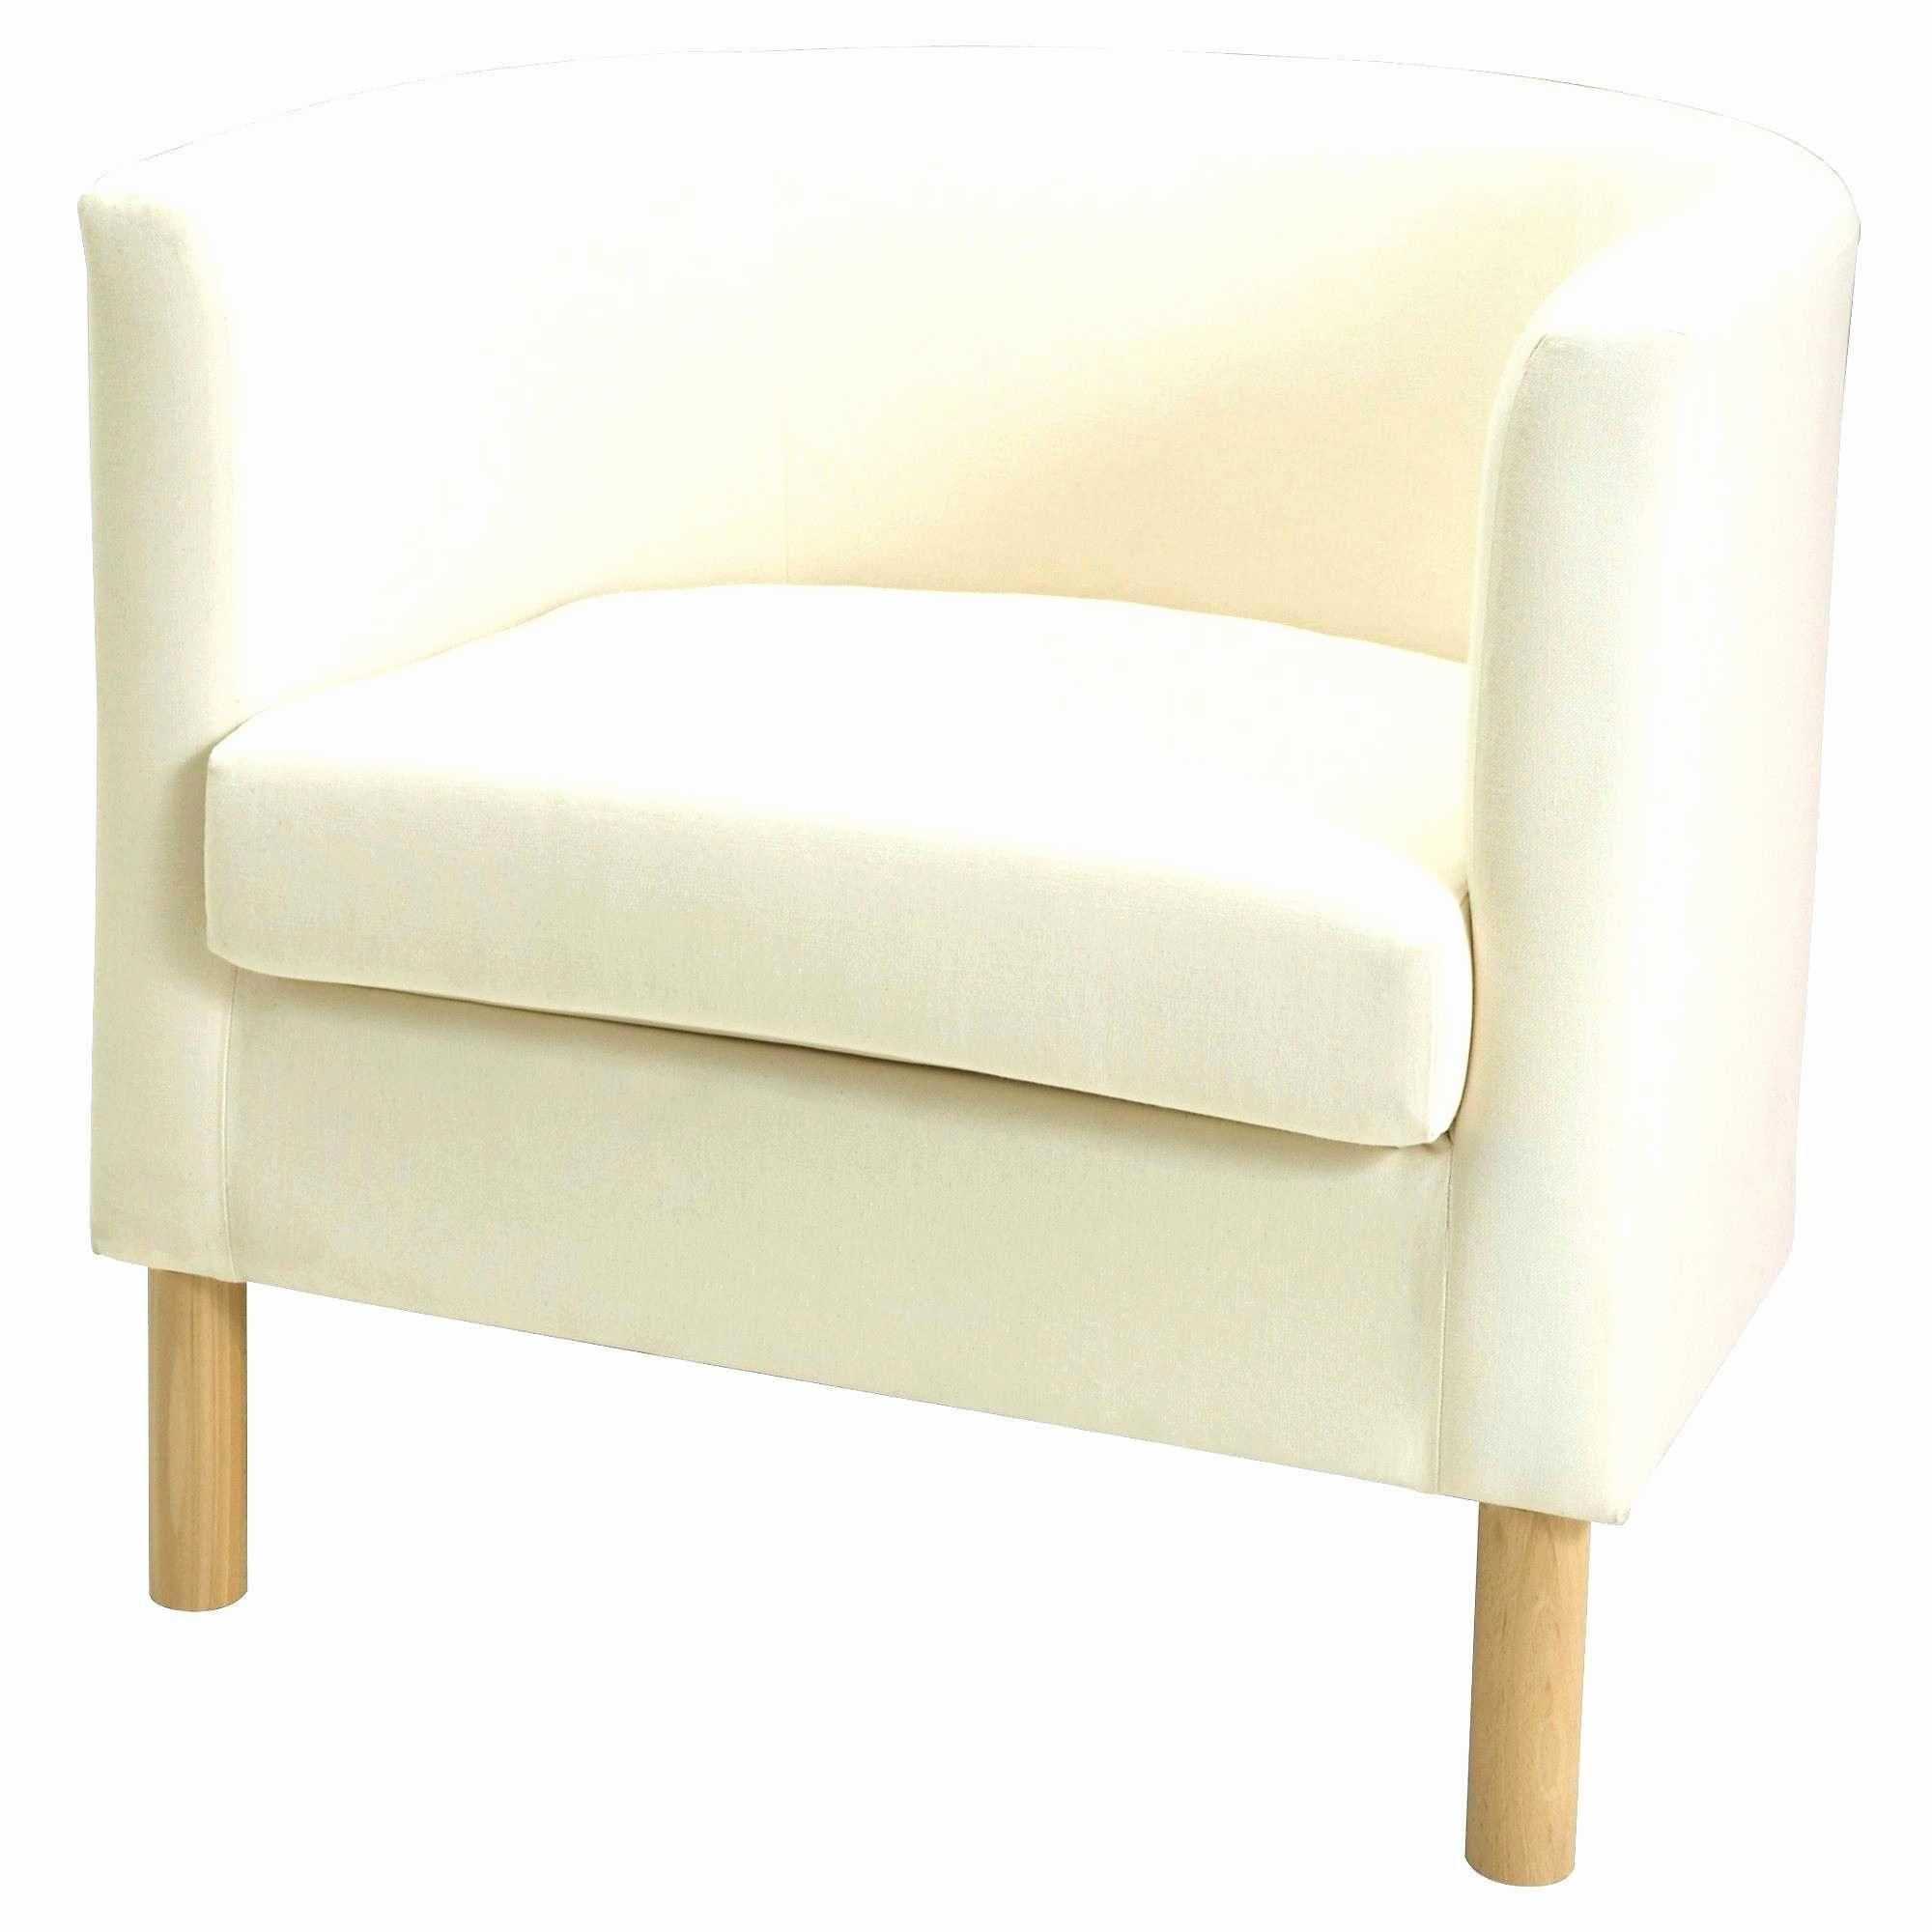 Canapé Lit Couchage Quotidien Ikea Inspirant Canapé Lit Convertible Couchage Quoti N Lesmeubles Canapé